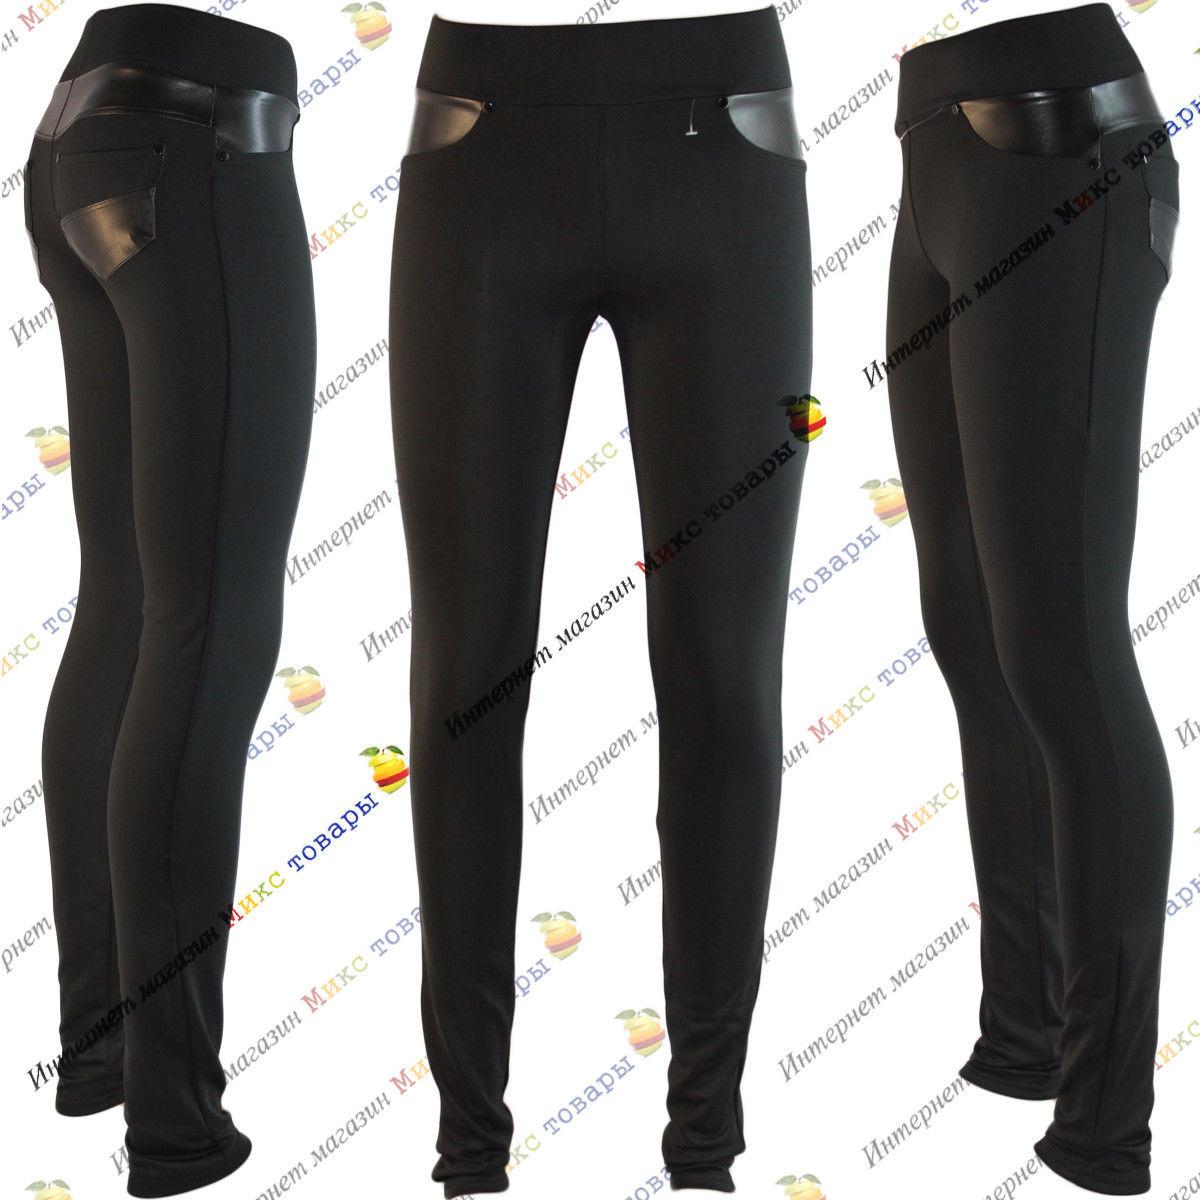 Чёрные женские Легинсы с кожаными вставками Баталы 50- 56